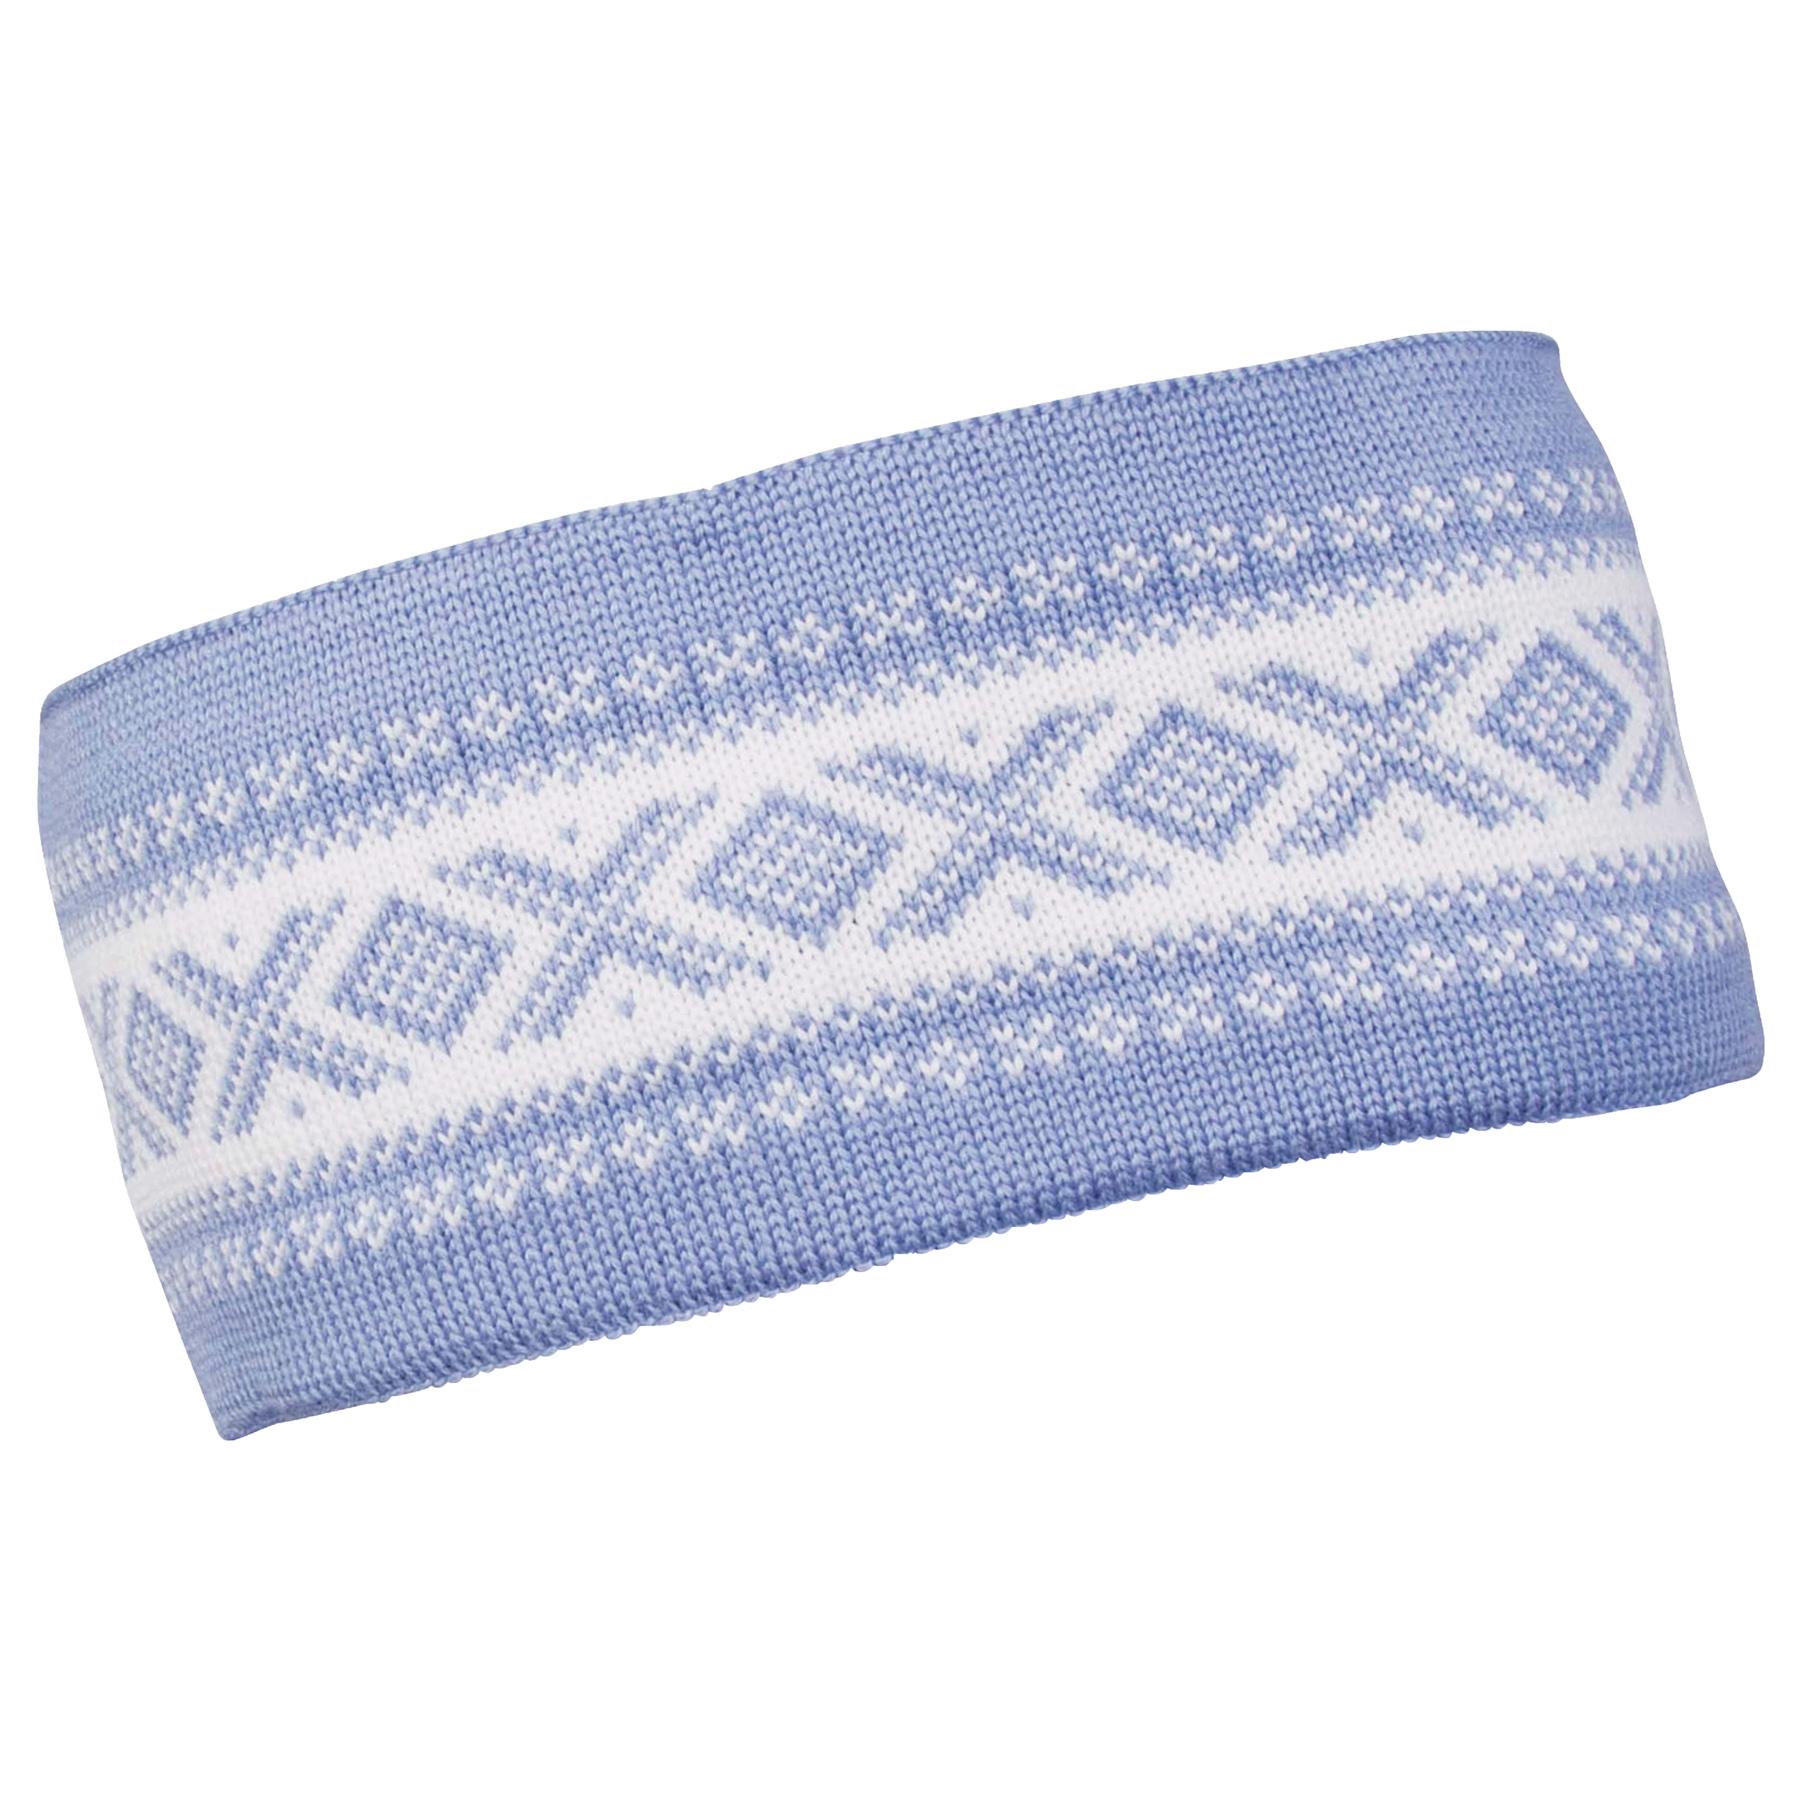 Cortina Merino Headband